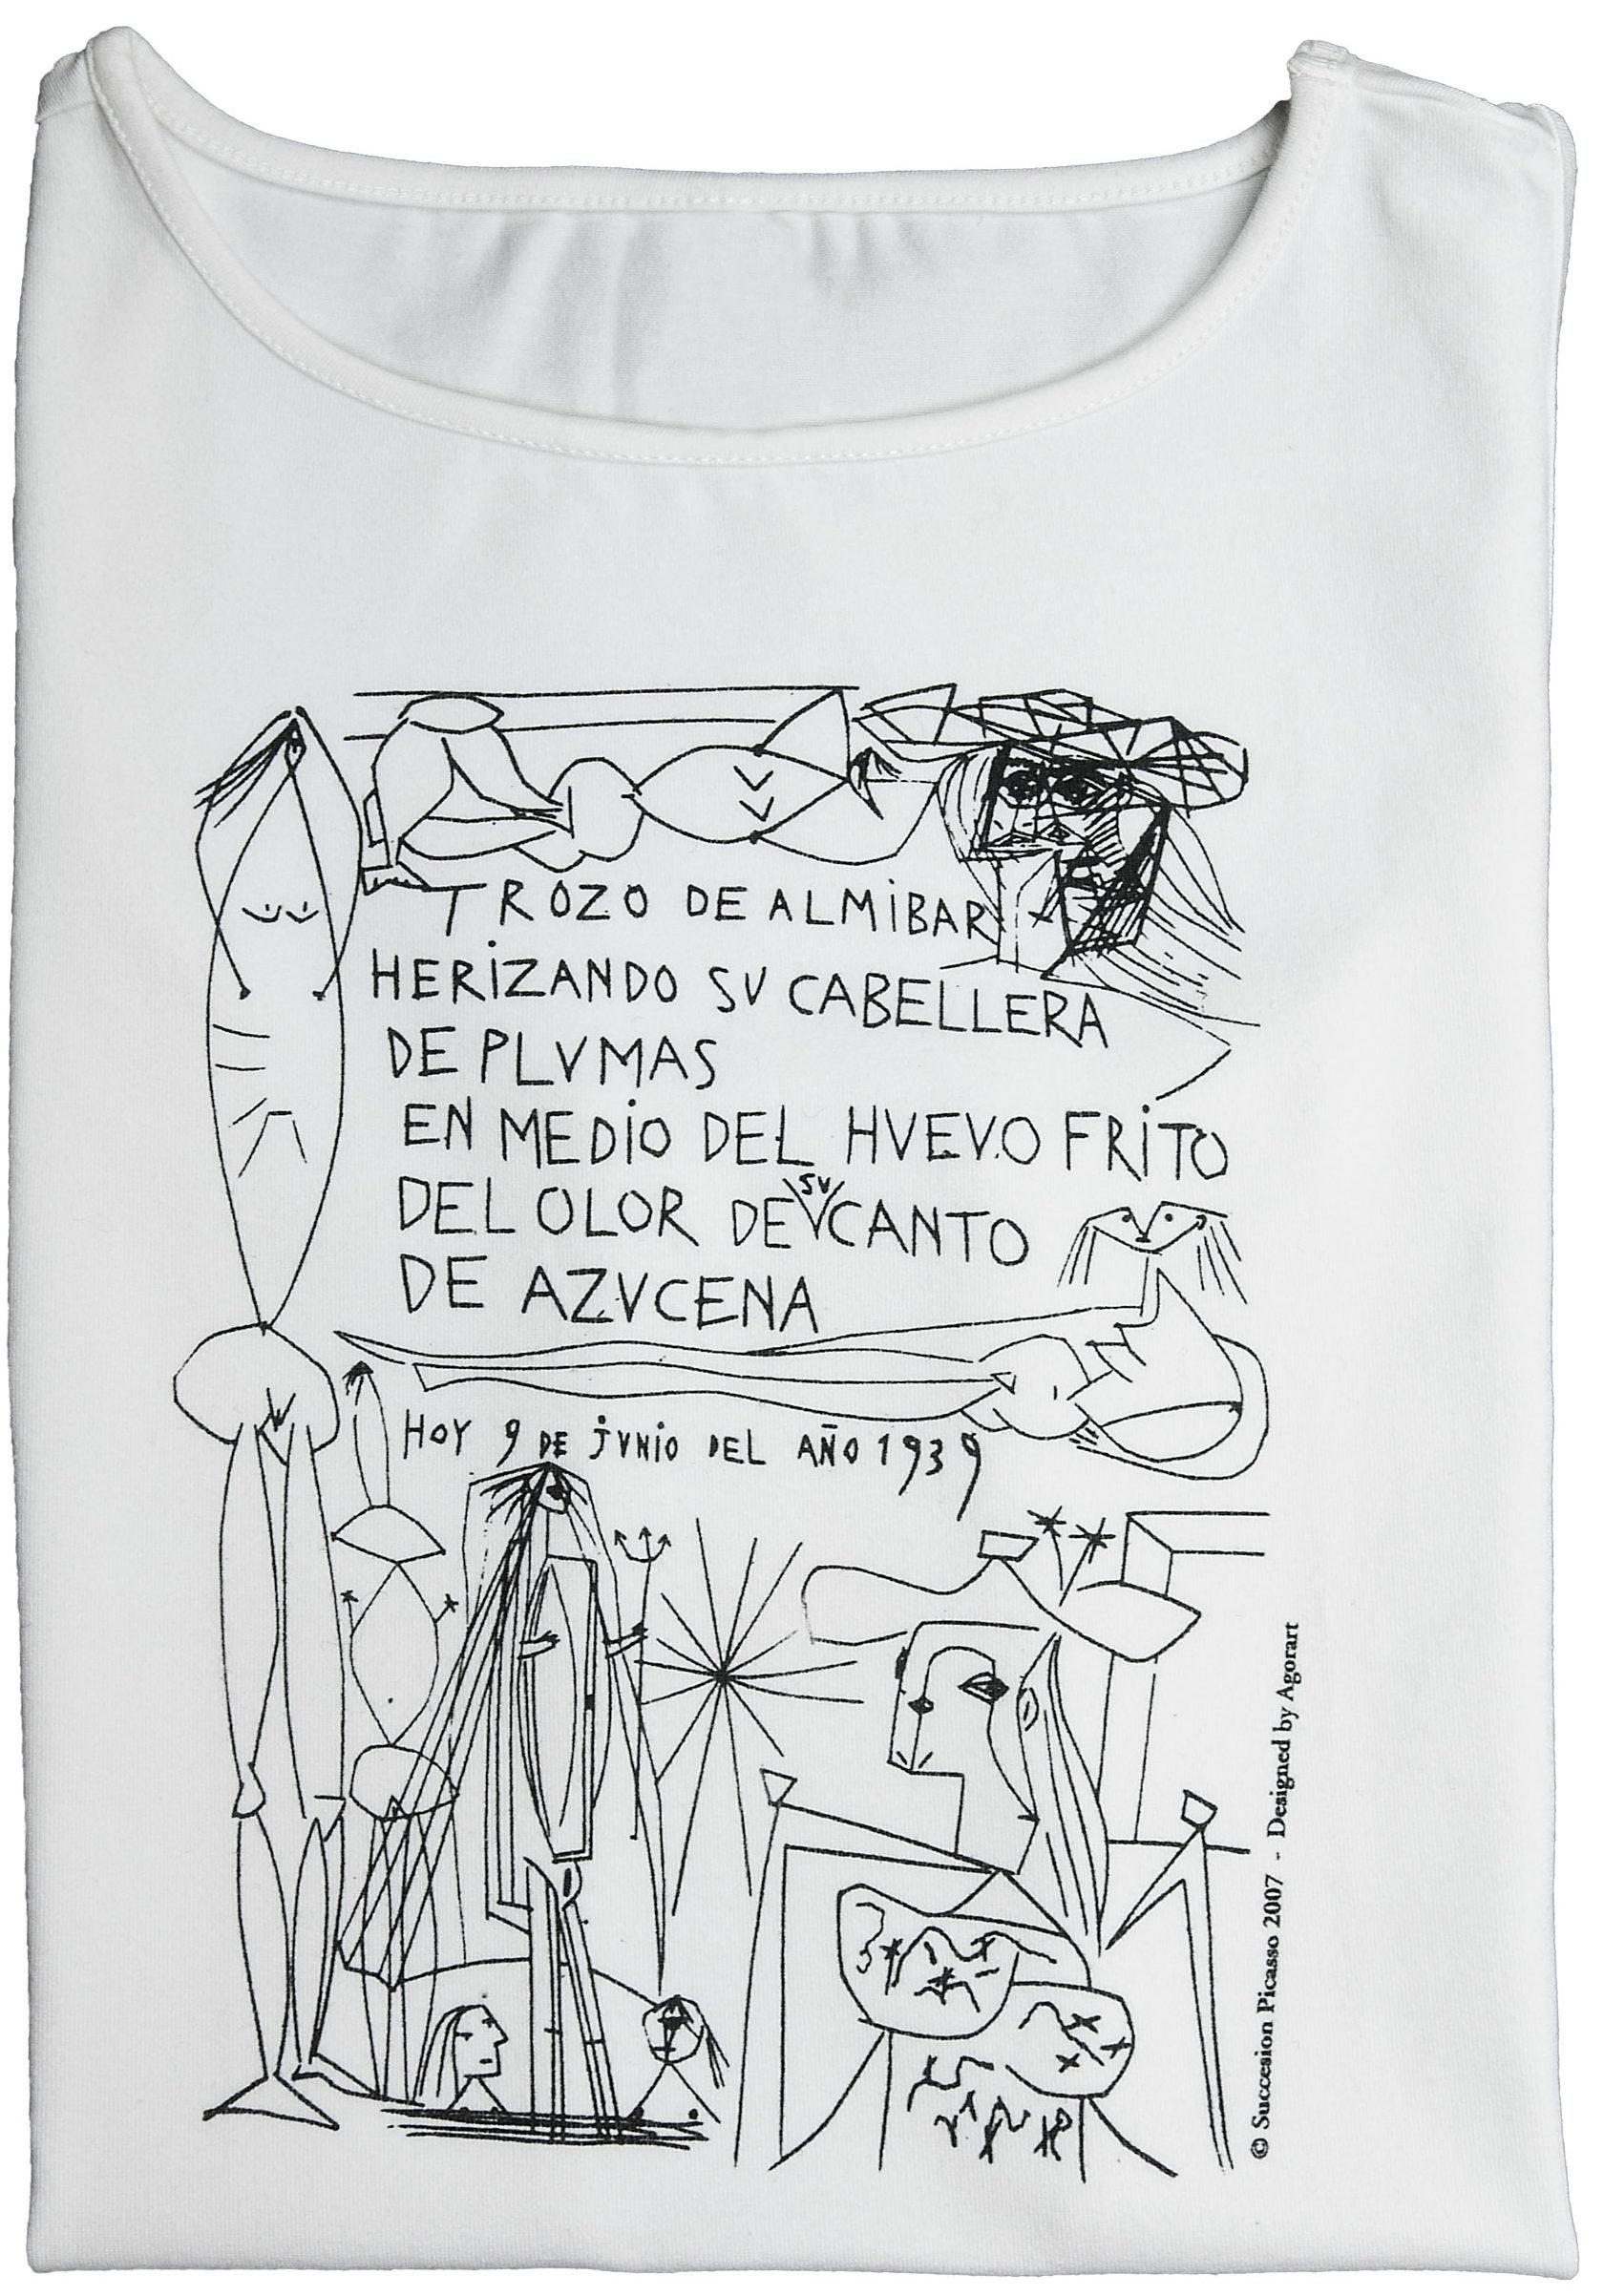 Picasso_Tshirt_TrozoDeAlmibar_0516 copia